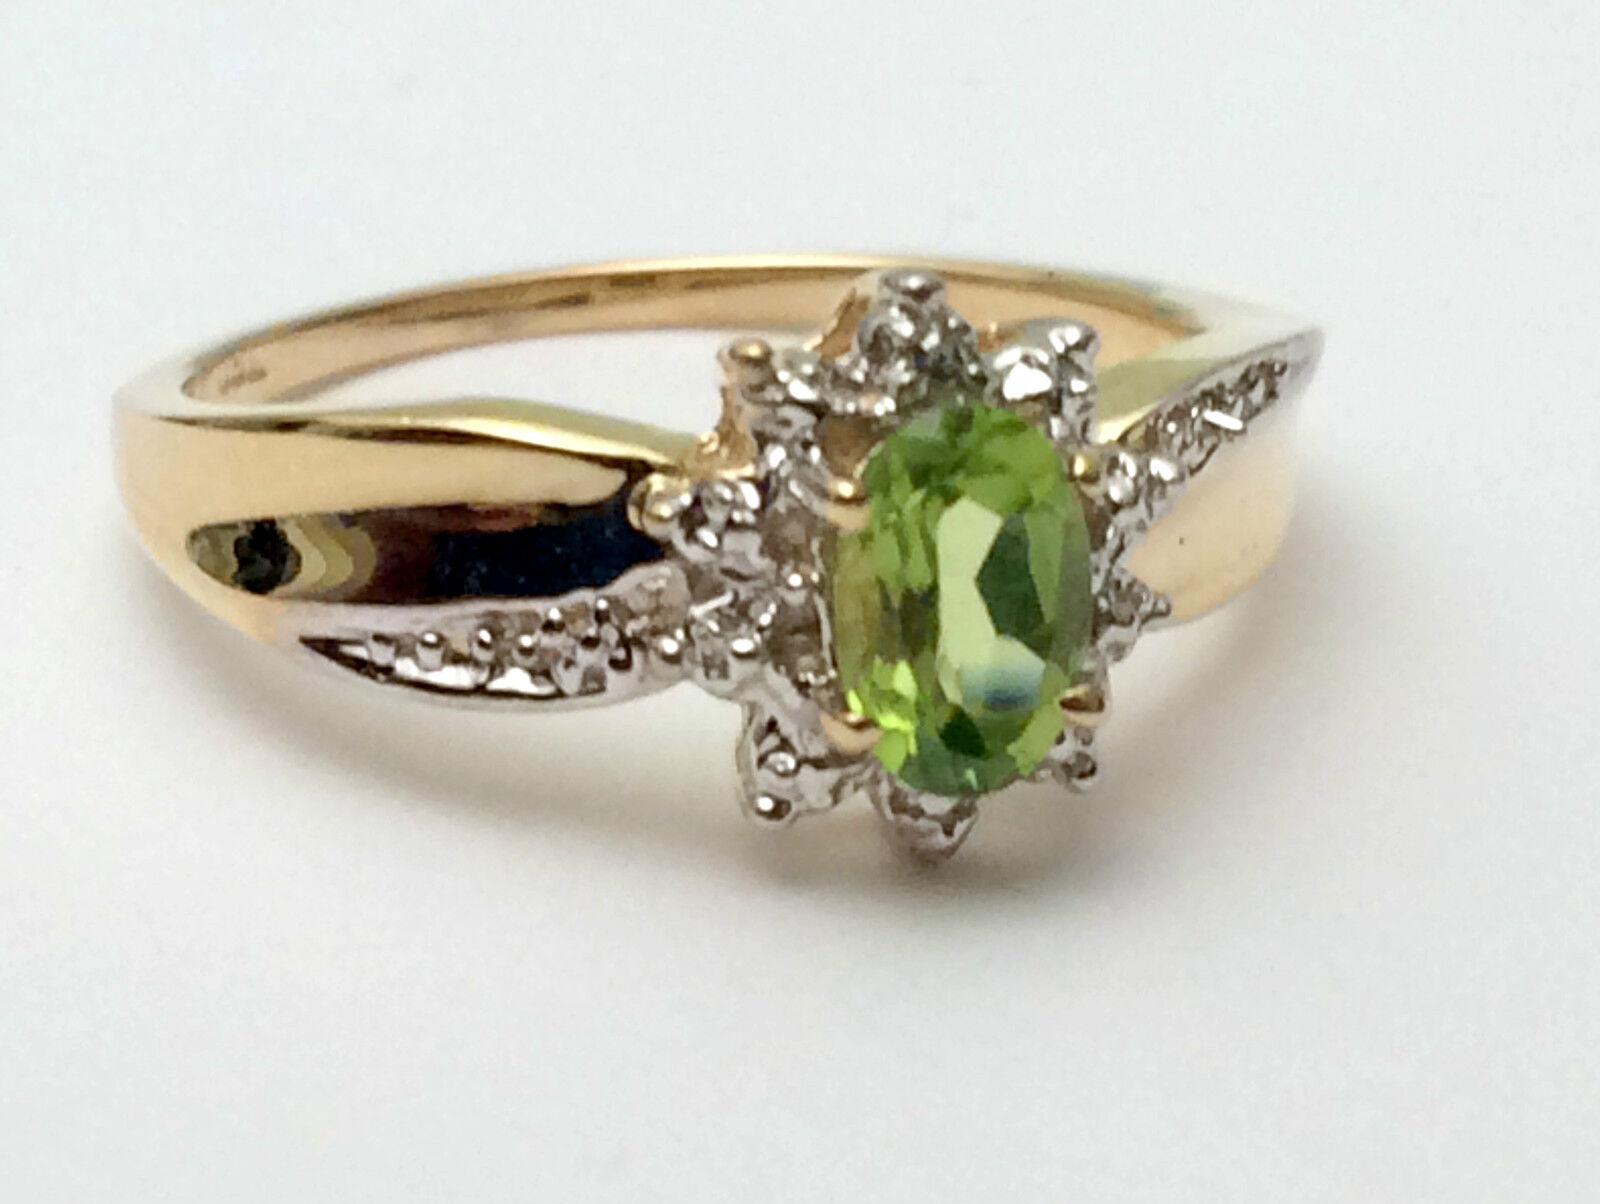 Genuine Birthstone Yellow gold Diamonds Peridot Engagement Wedding Ring August